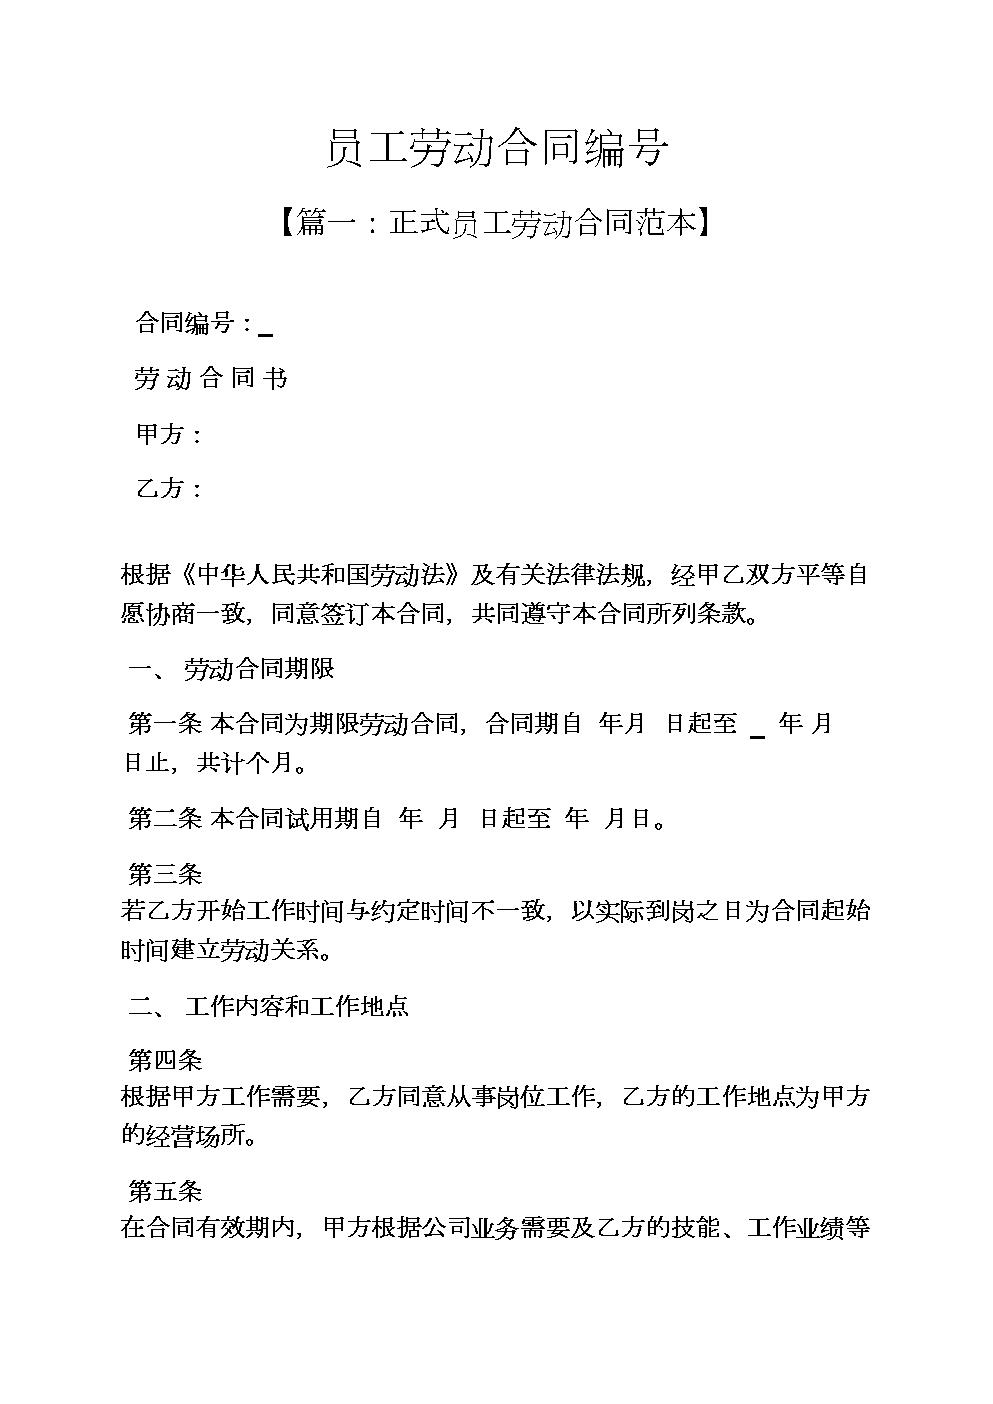 合同范本之员工劳动合同编号.docx